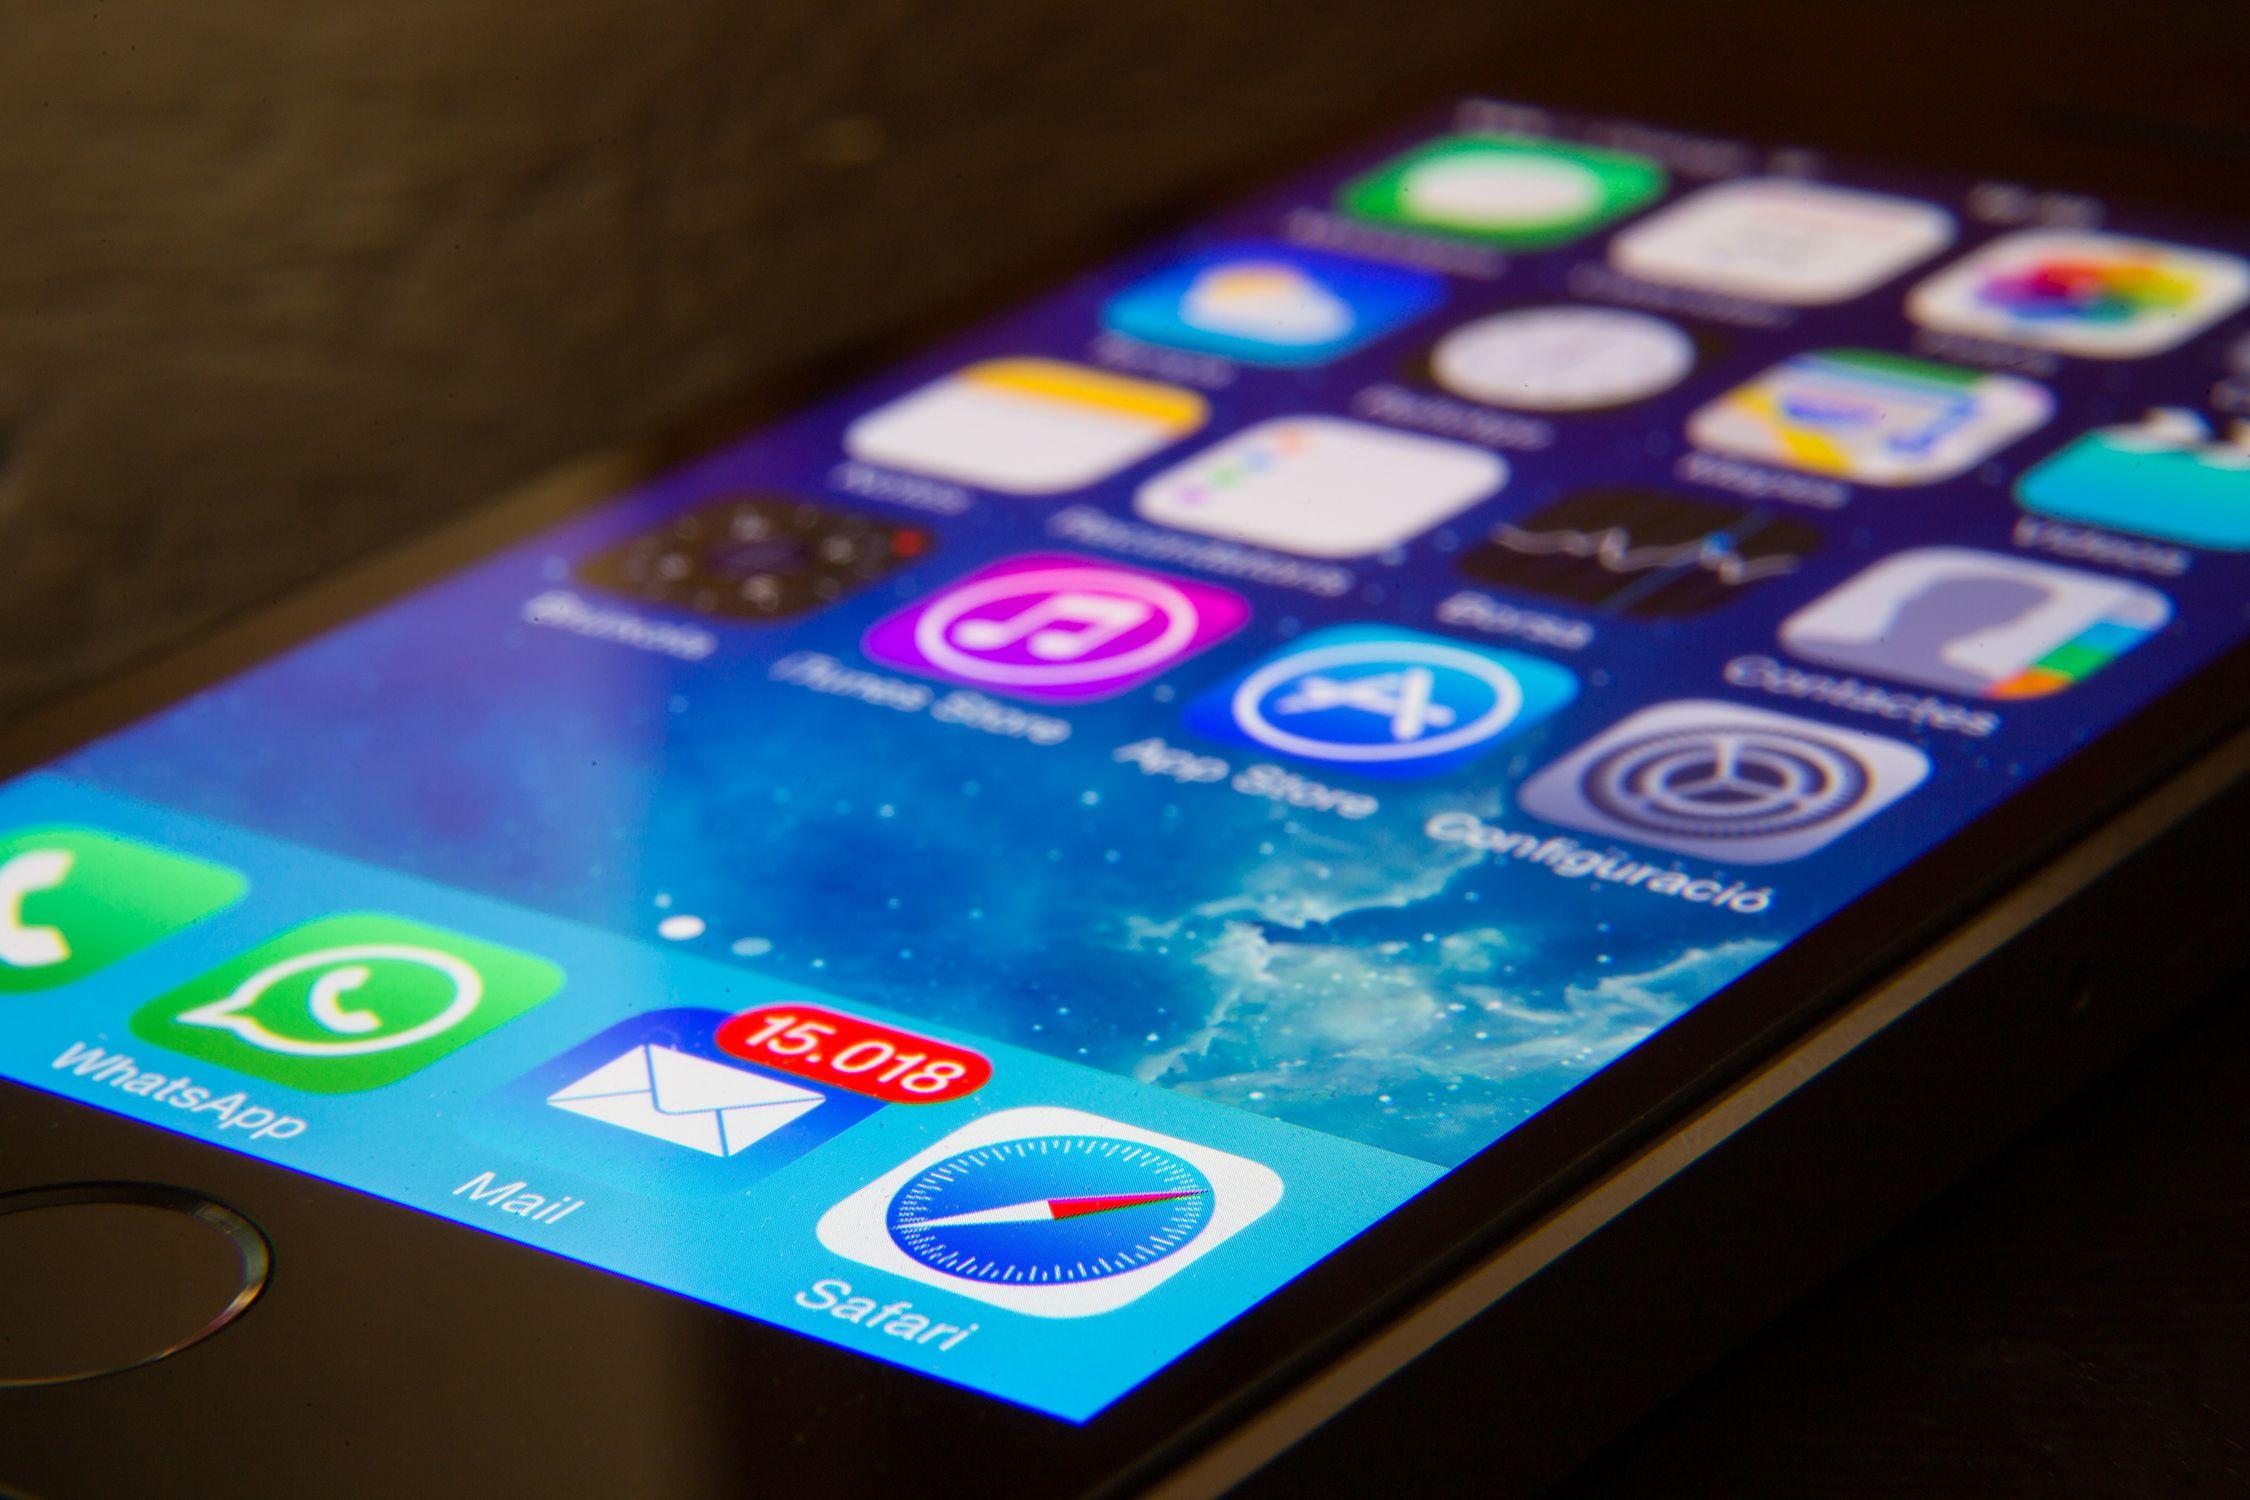 iOS 7: The Basics